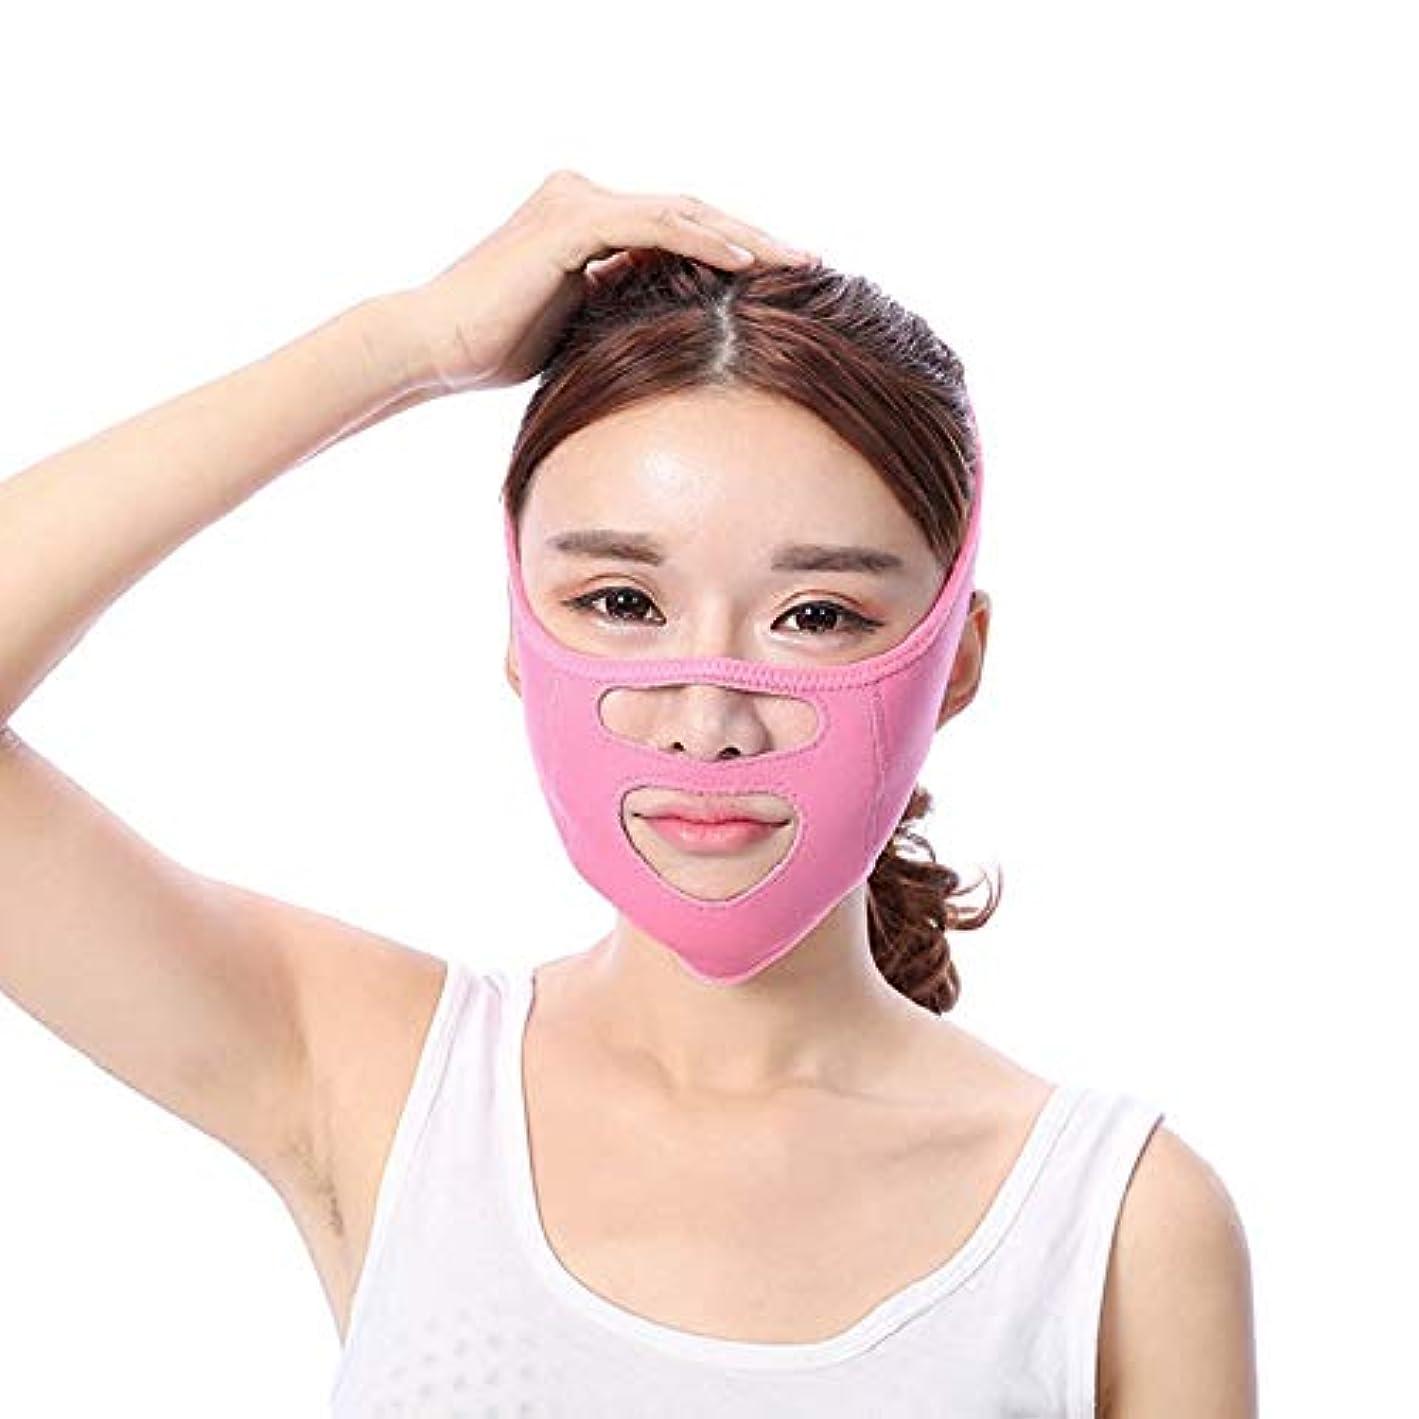 地図つぶやき位置づけるJia Jia- 顔の持ち上がる痩身ベルト - あなたの顔のための素晴らしいトレーニング二重あごのワークアウトフェイスマスクベルト薄い顔包帯整形マスクは顔と首を締めますフェイススリム 顔面包帯